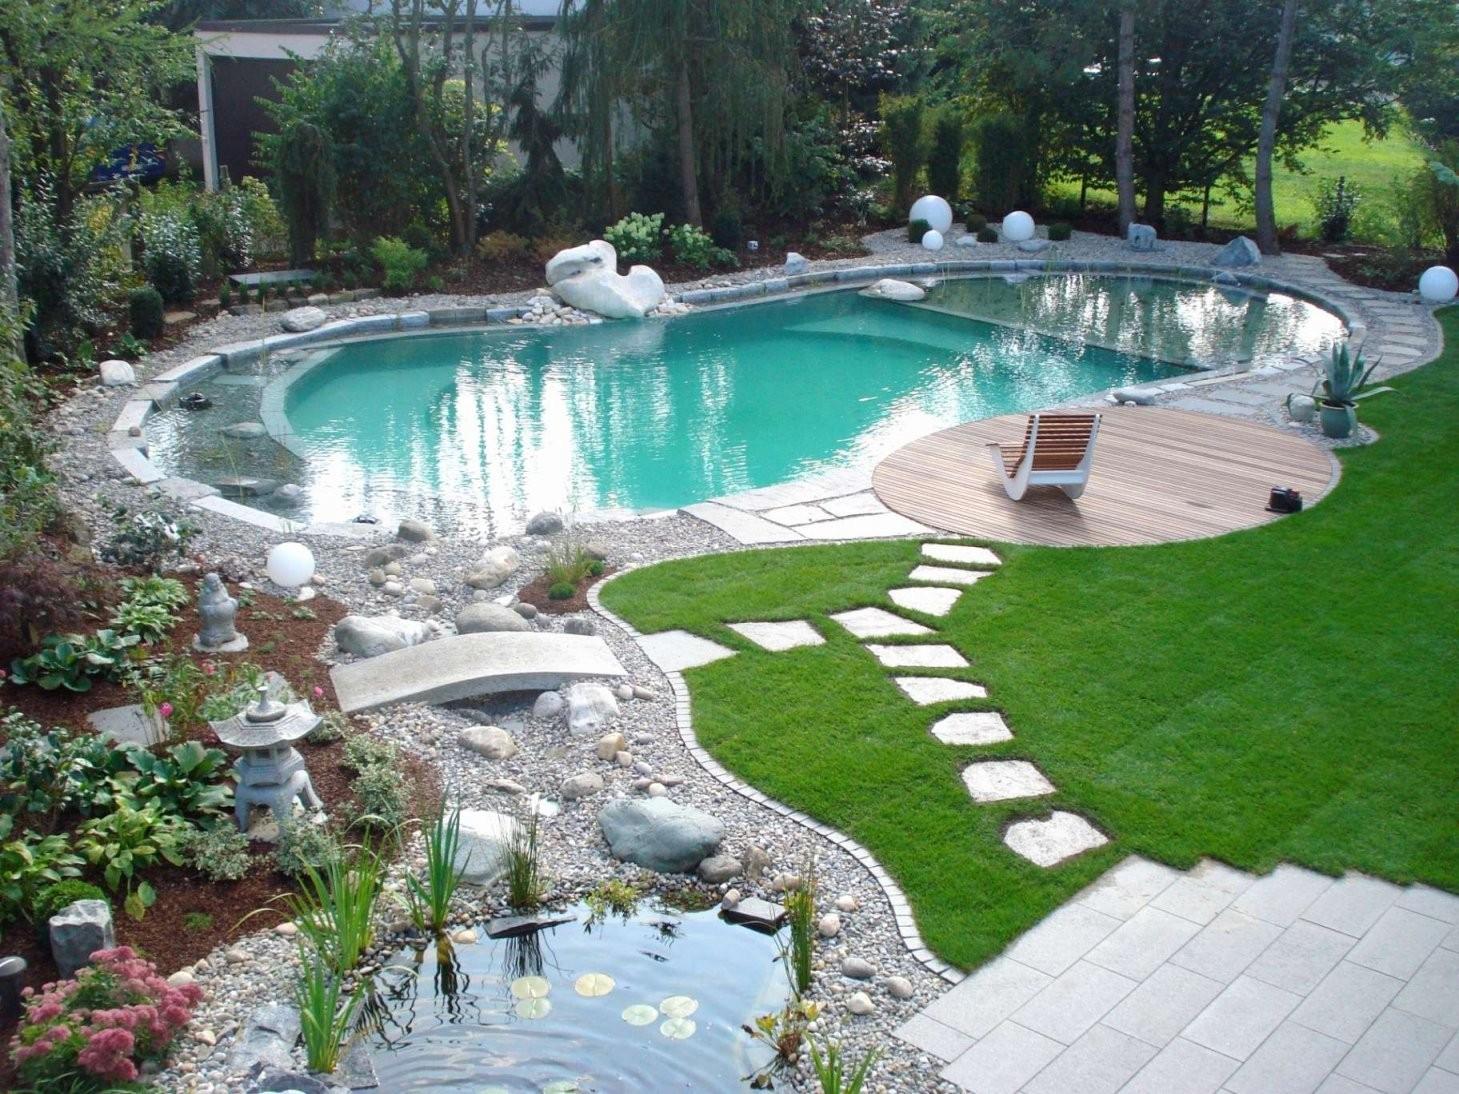 Kleiner Garten Mit Pool Gestalten Einzigartig Gartengestaltung Mit von Garten Gestalten Mit Pool Photo